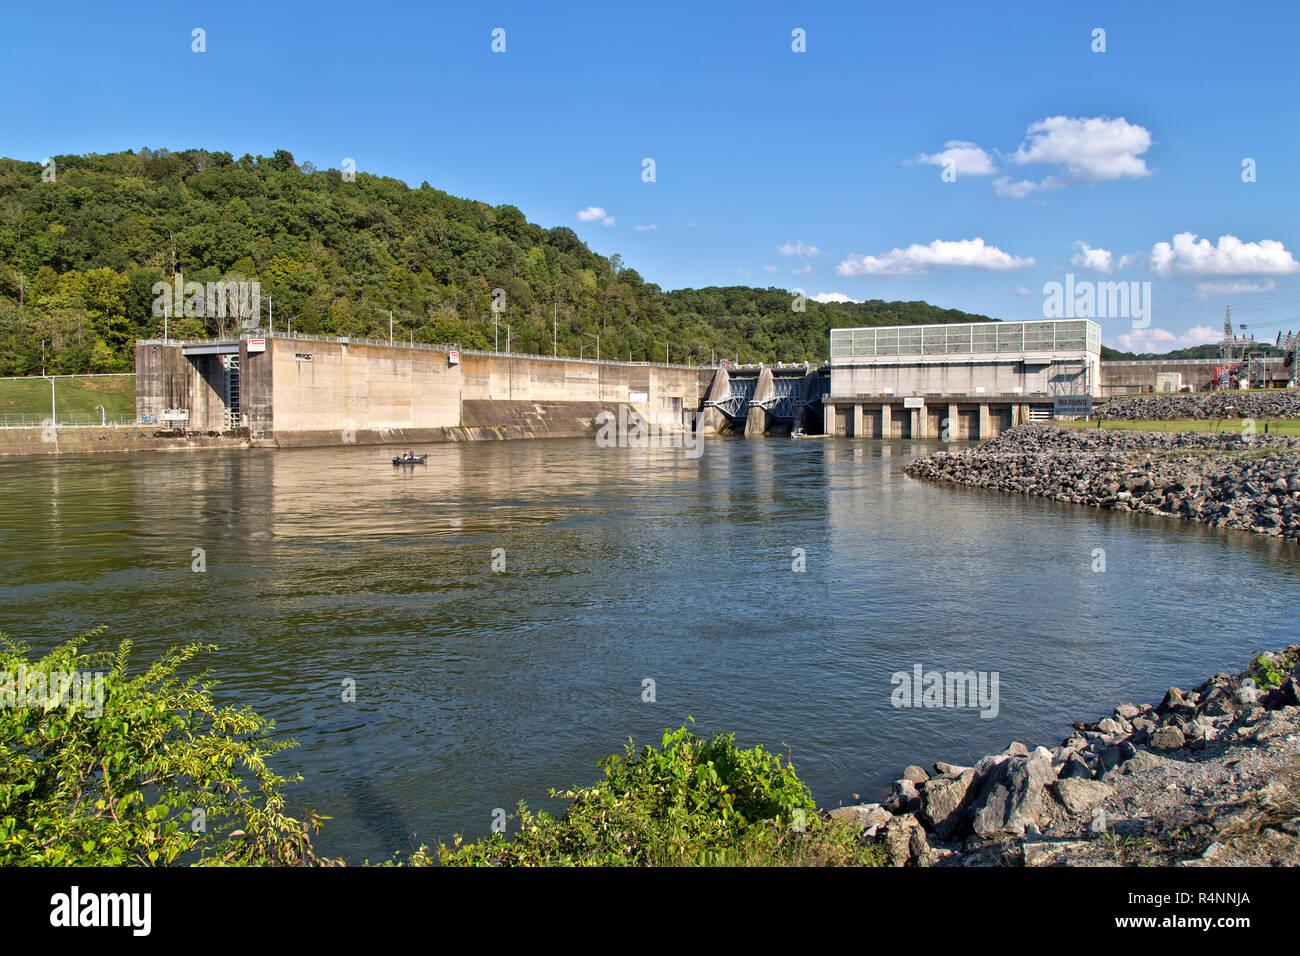 Melton Hill Represa Hidroeléctrica & Power Station. Melton Hill, zona de recreo, el Cuerpo de Ingenieros del Ejército de los Estados Unidos. Imagen De Stock